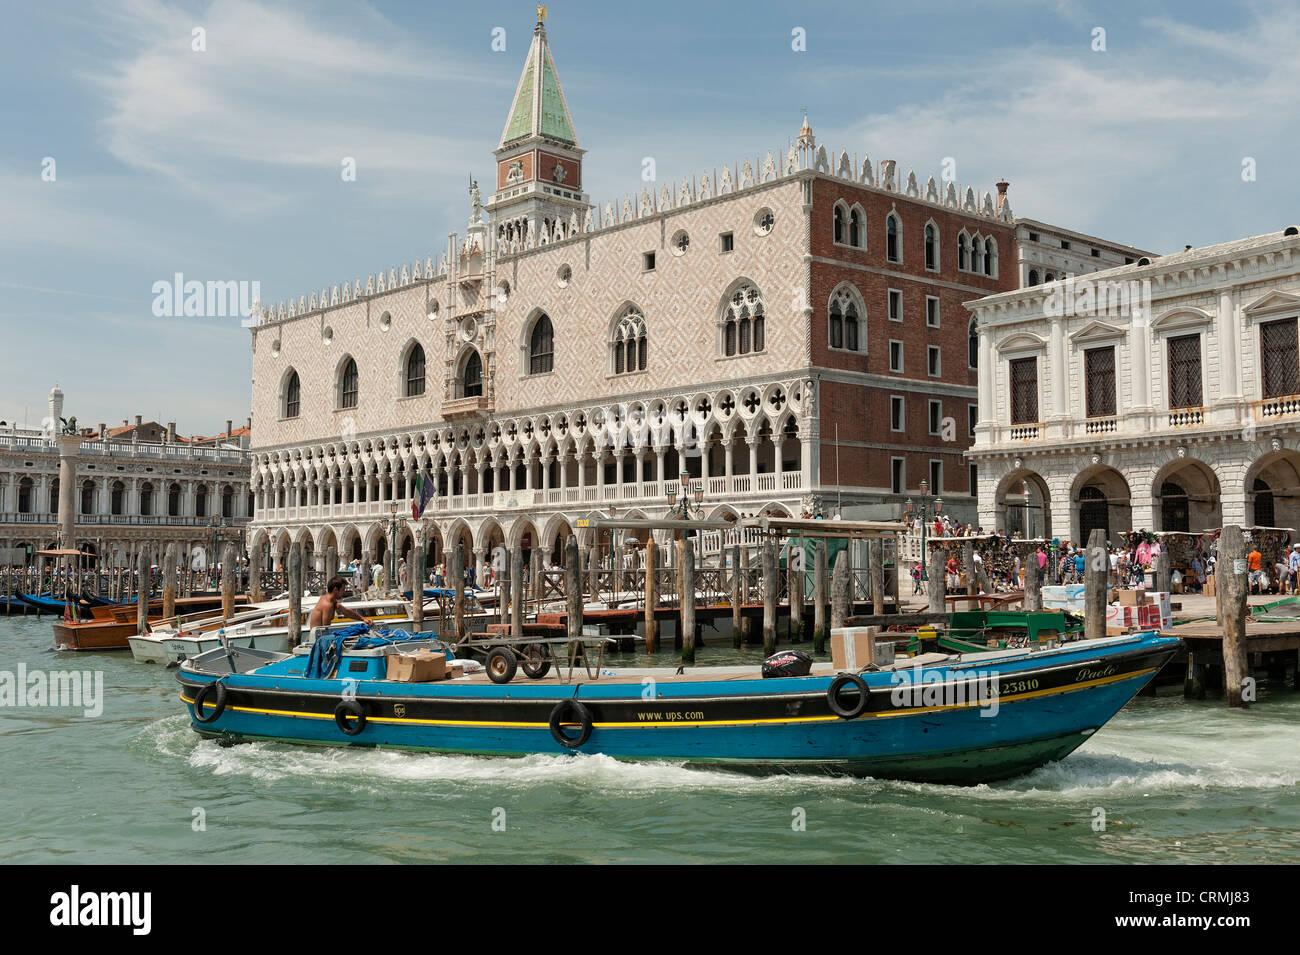 Un bateau de livraison d'UPS pour arriver à San Marco de Venise. Photo Stock